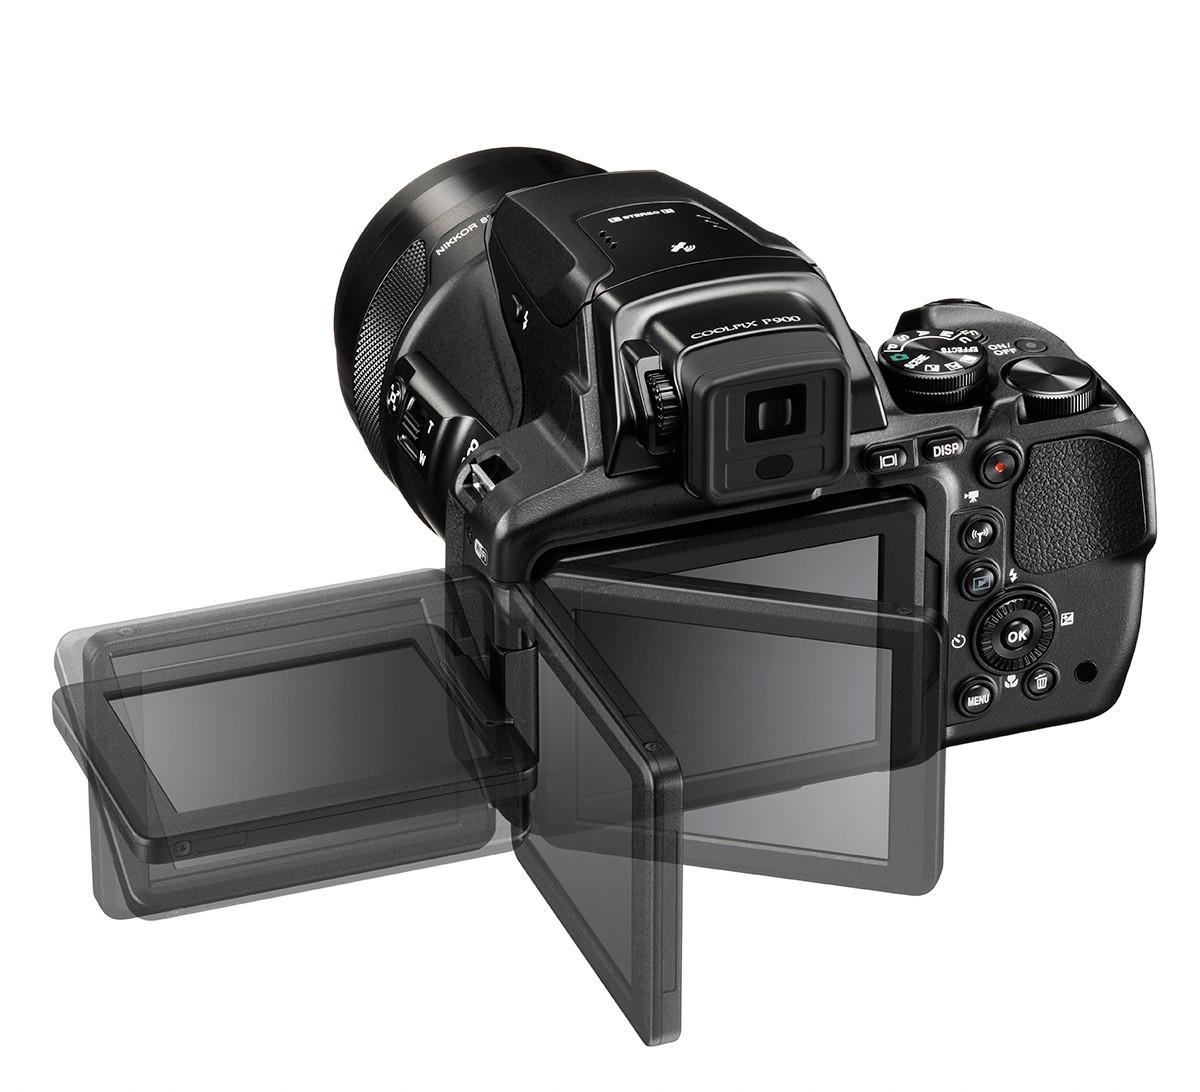 Nikon coolpix p900 test complet appareil photo - Boulanger appareil photo numerique ...